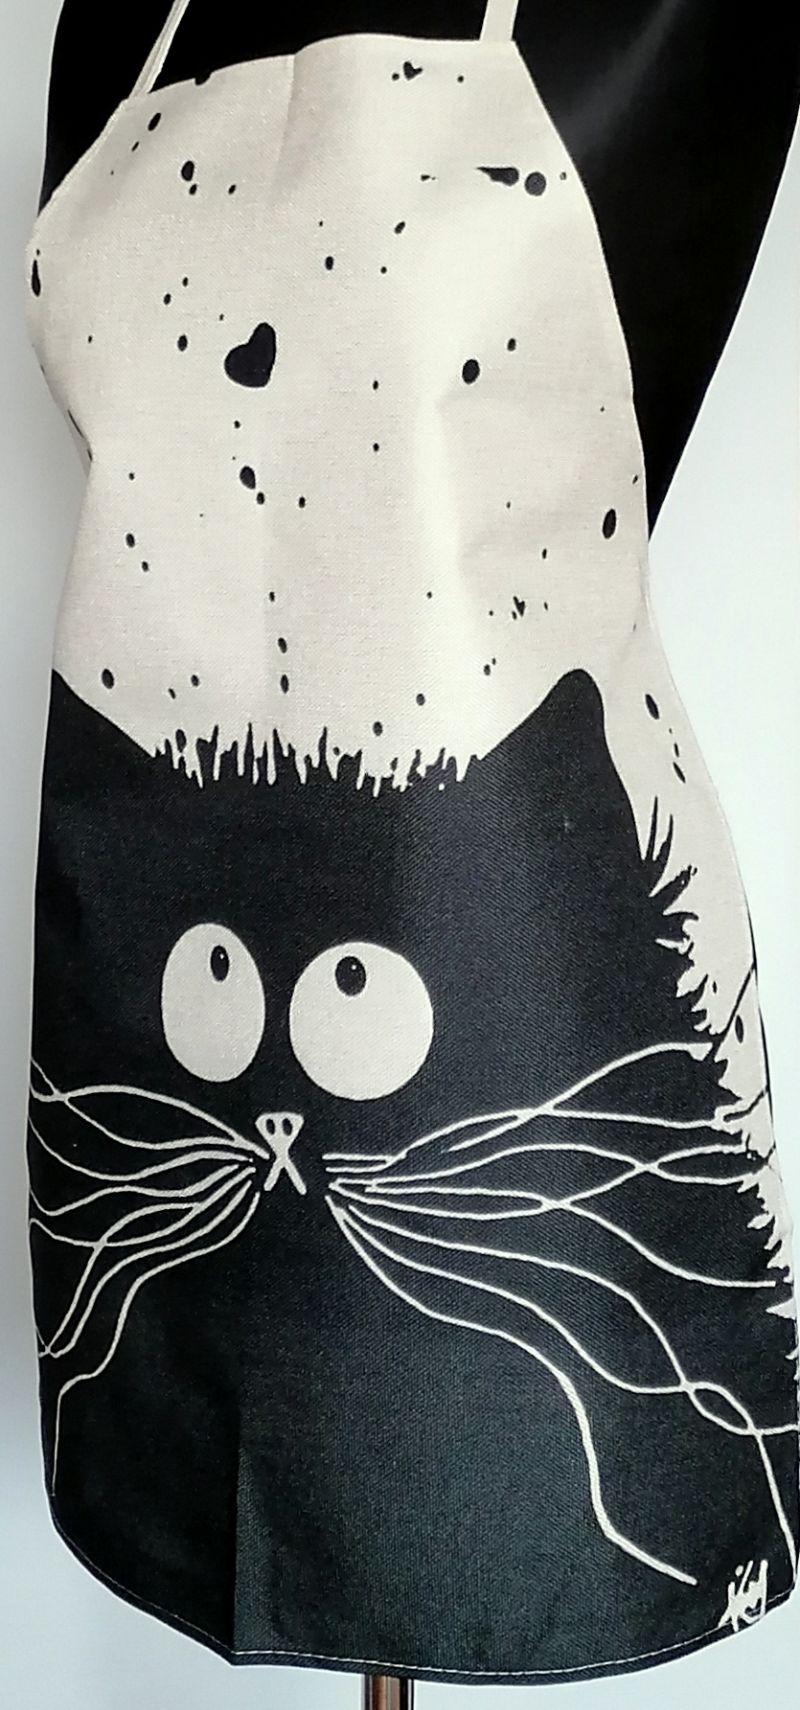 Kleinesbild - Leinen Schürze Küchenwäsche Schürze Gardening natürlichen grauen Schwarz Katze